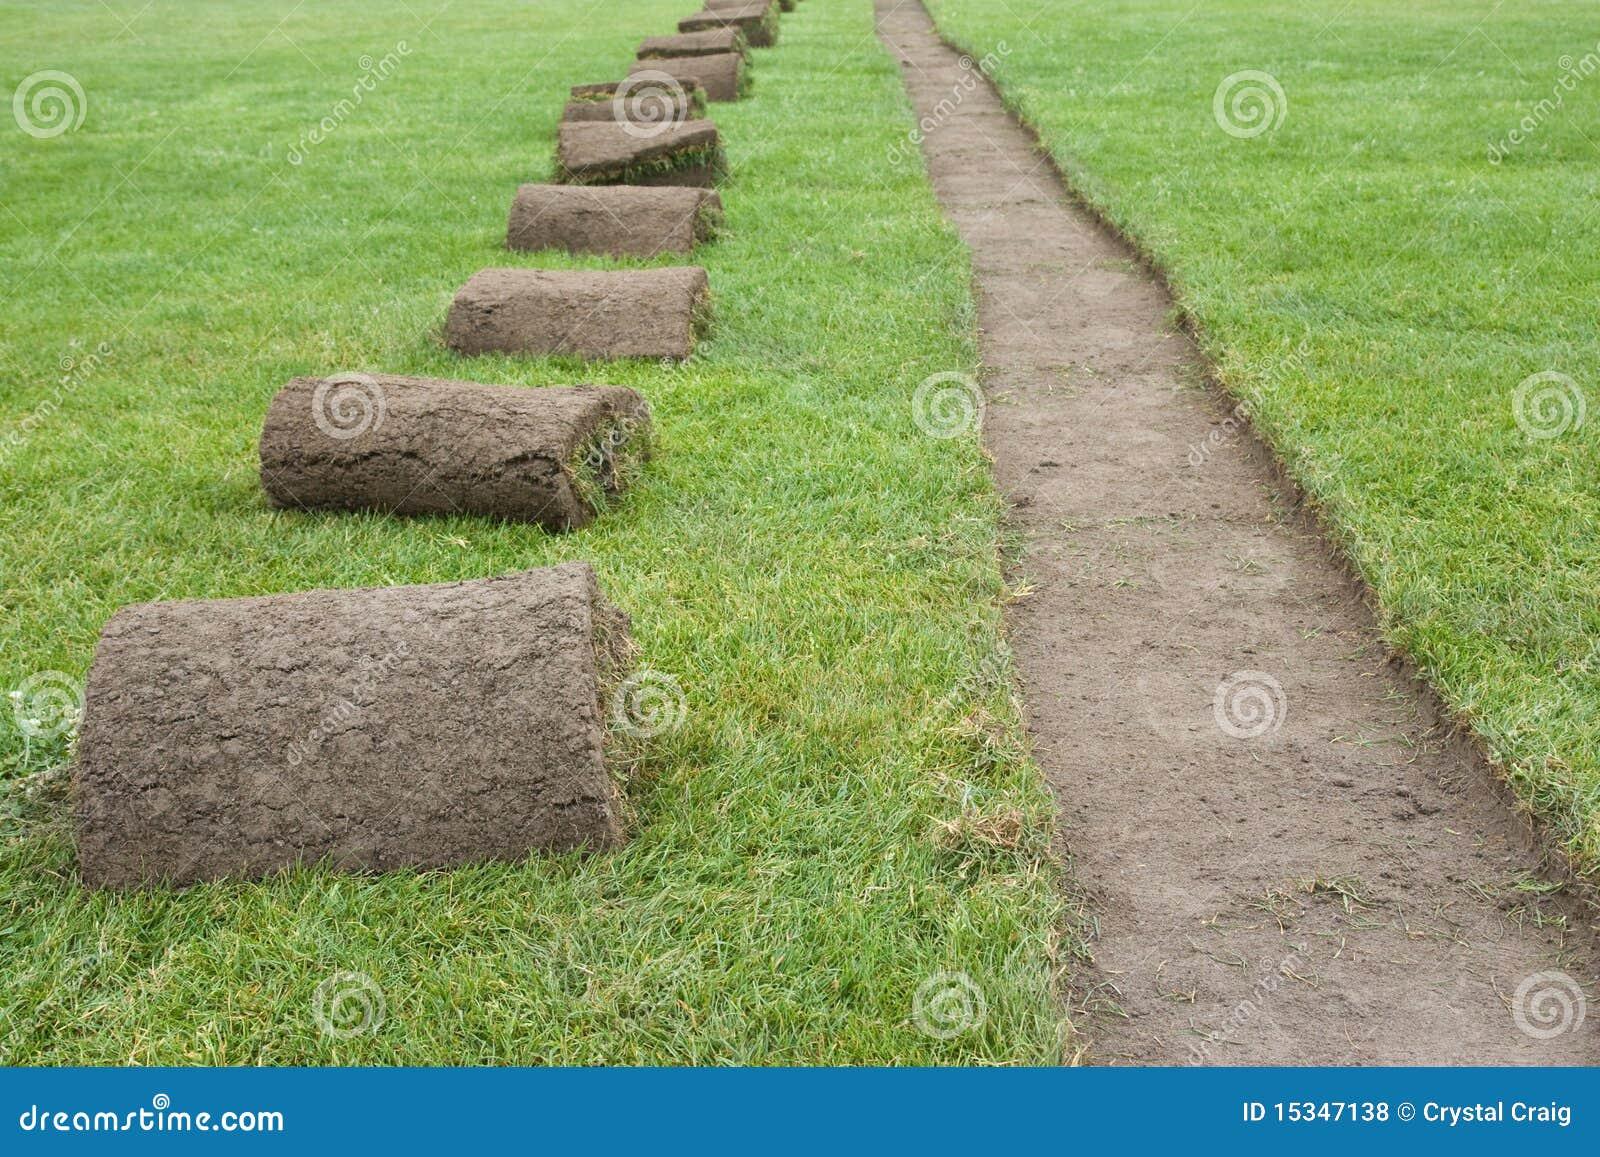 Sod rolls on grass field